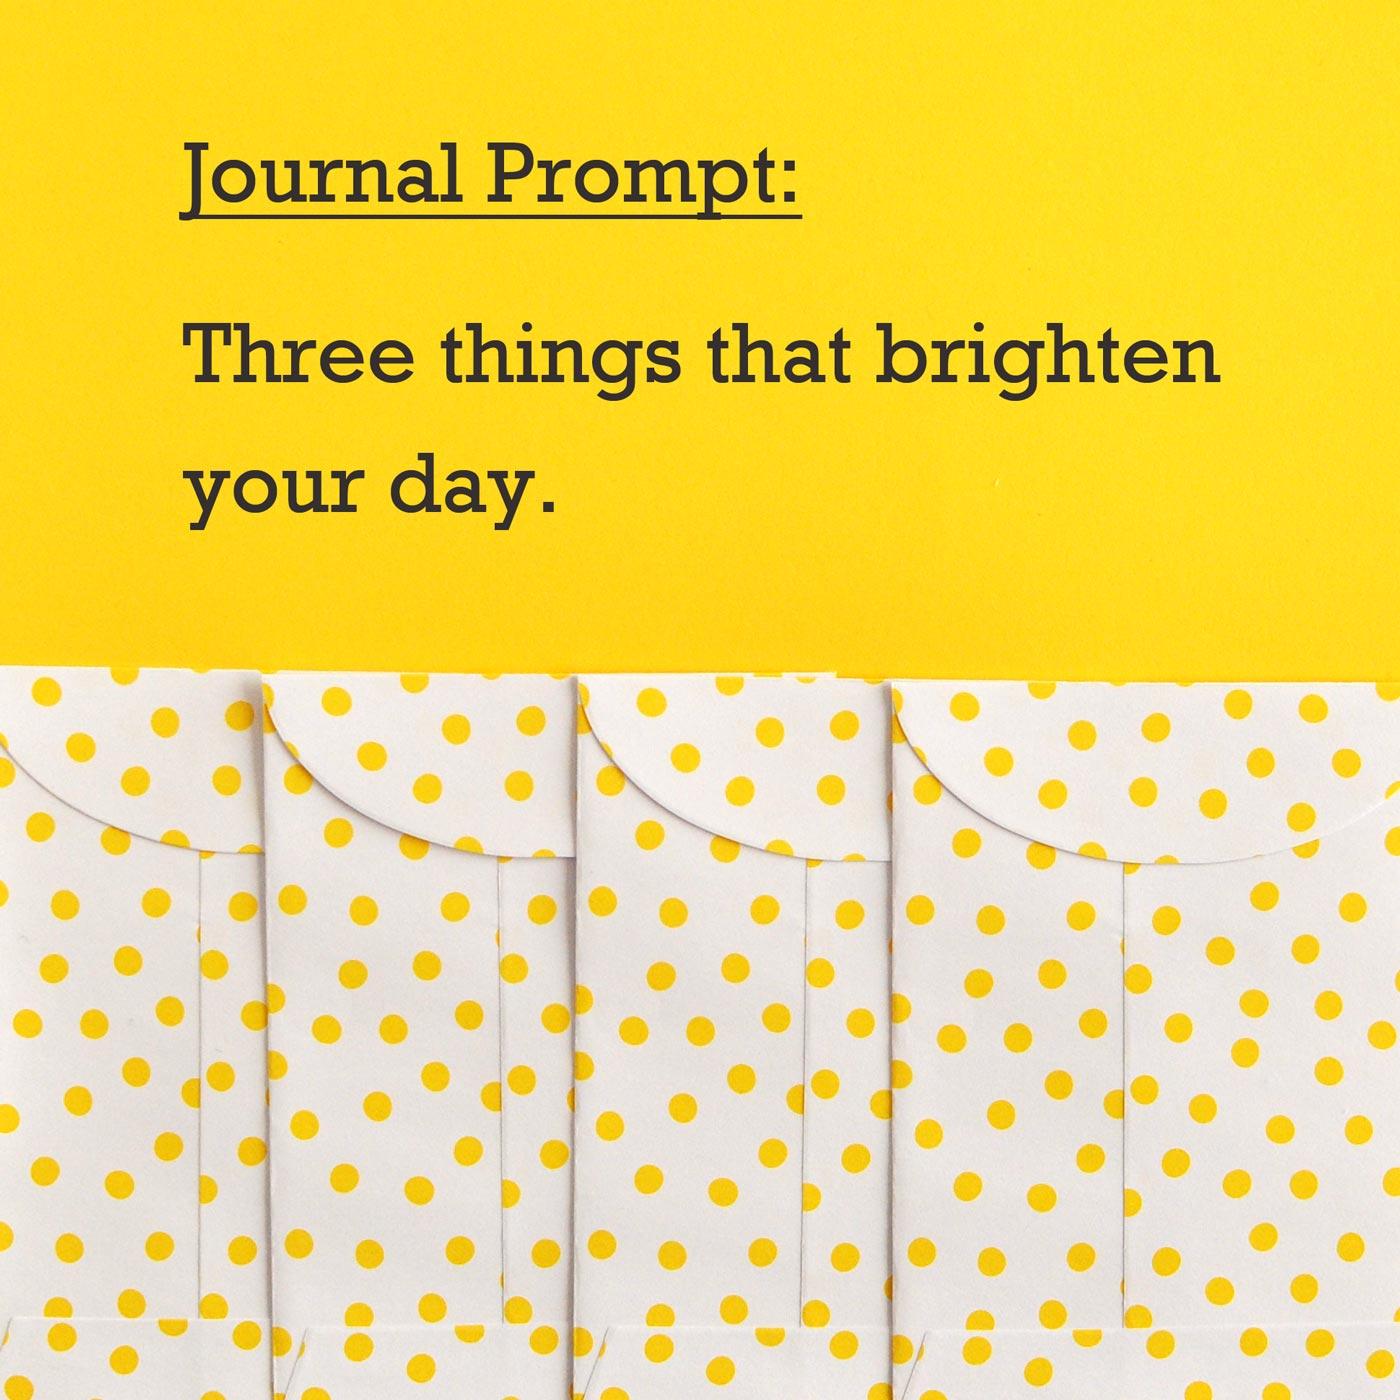 08-12-2017---Journal-prompt-by-Christie-Zimmer.jpg